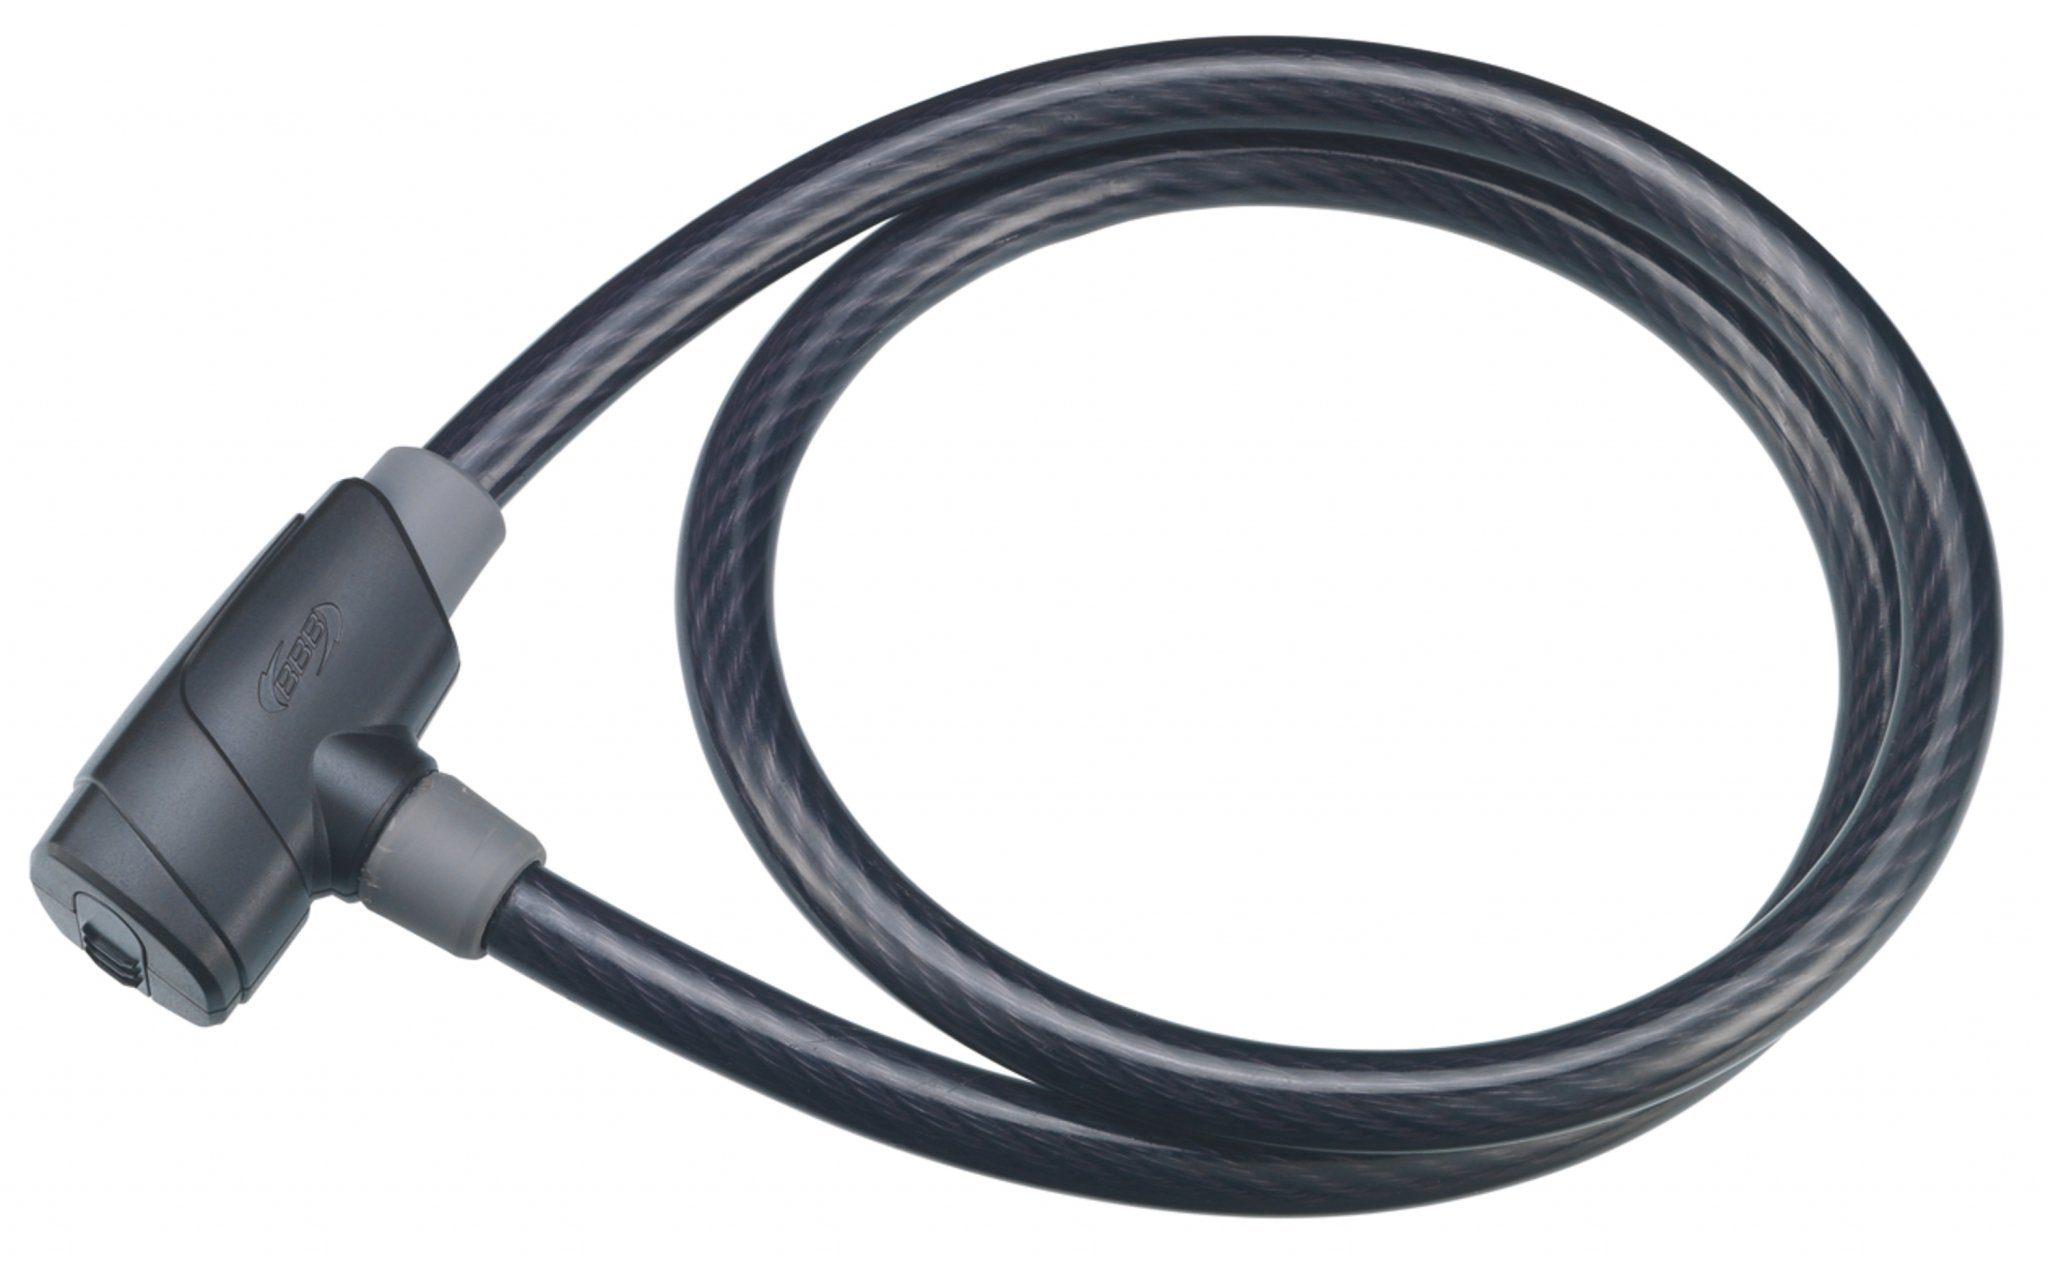 BBB Fahrradschloss »PowerSafe BBL-32 Fahrradschloss 8mm«